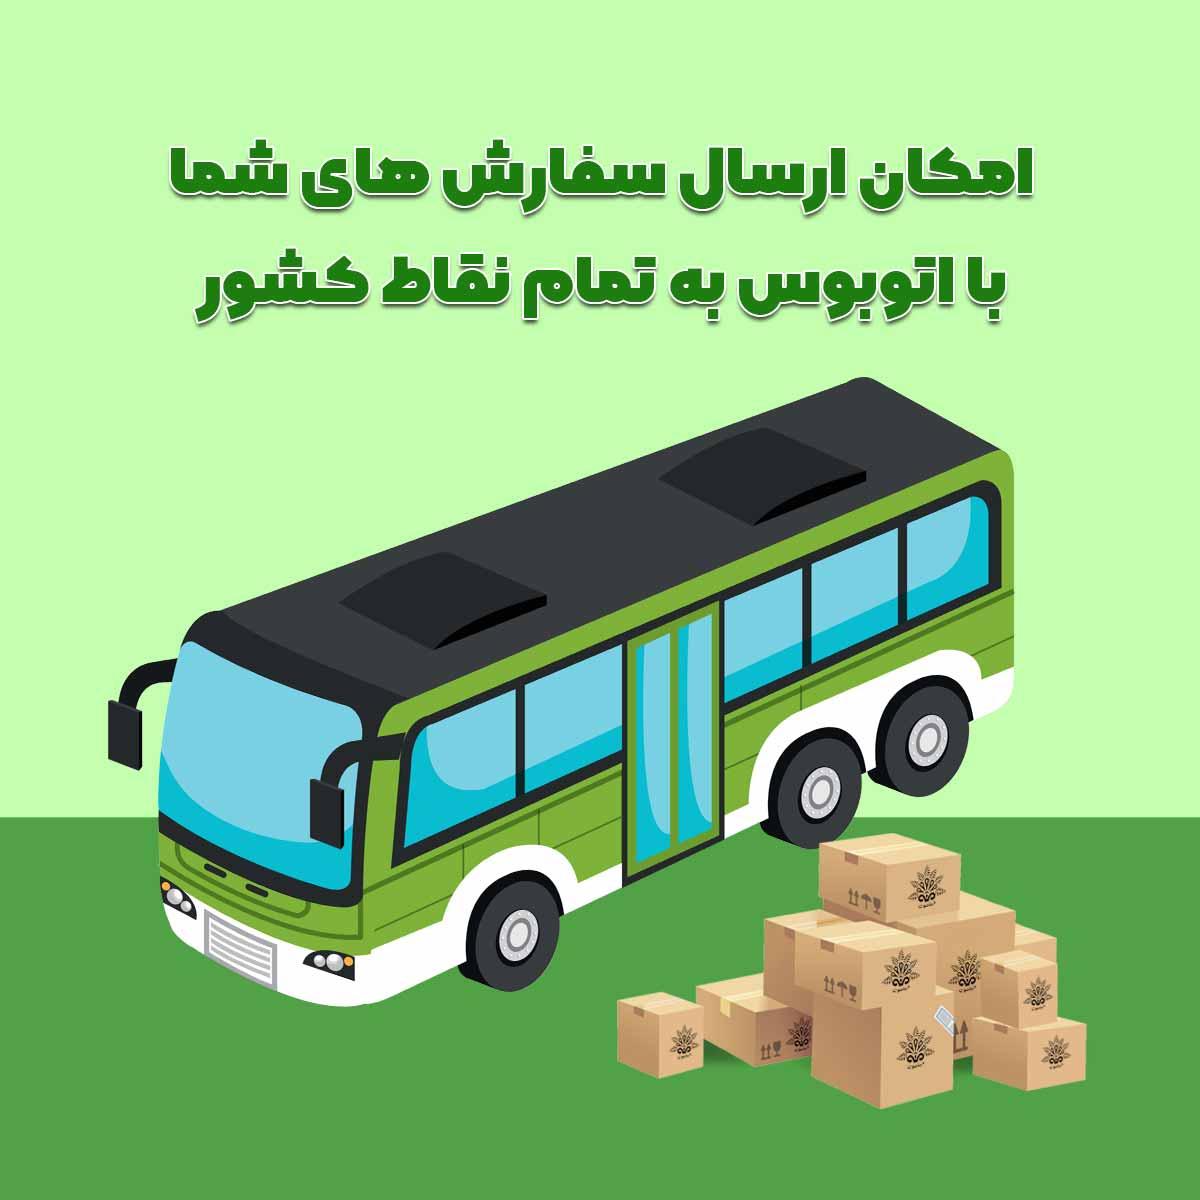 روش ارسال سفارش با اتوبوس ترمینال